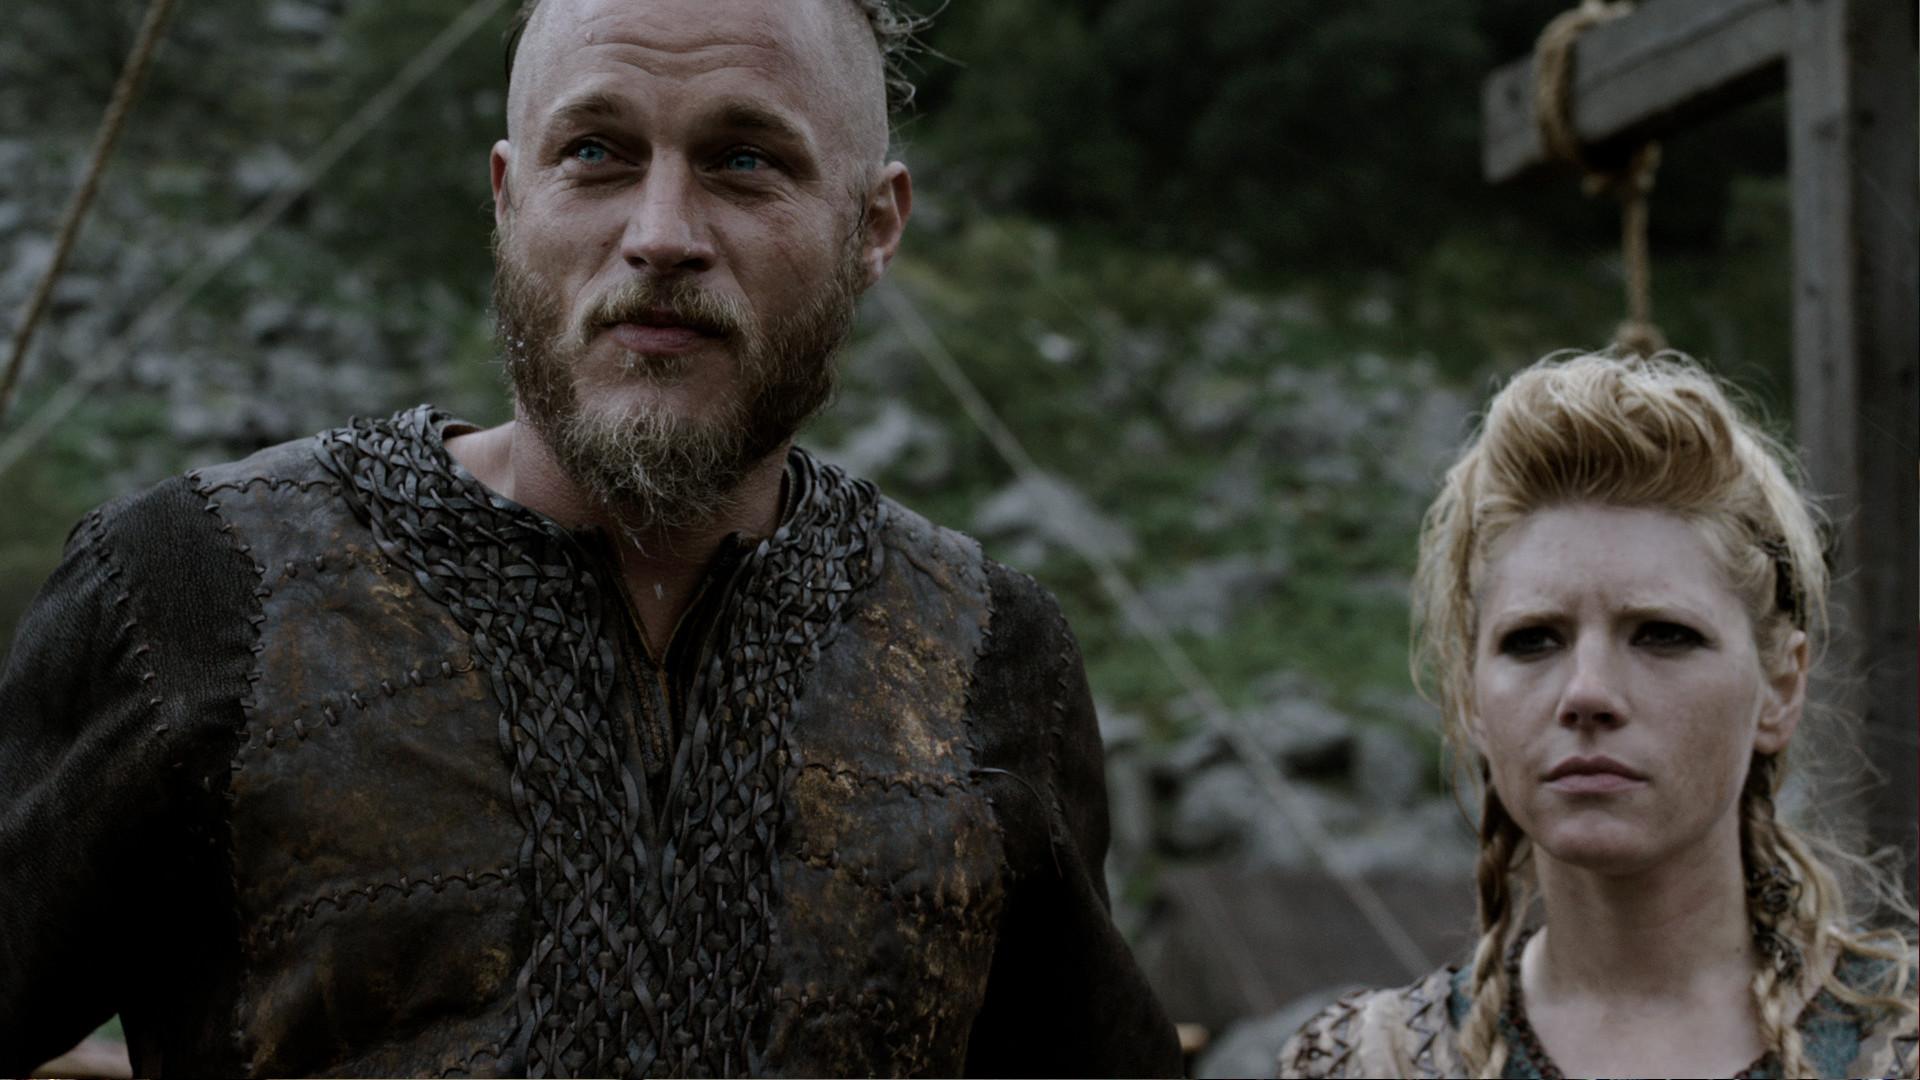 Vikings New Season Wed Nov 29 at 9/8C